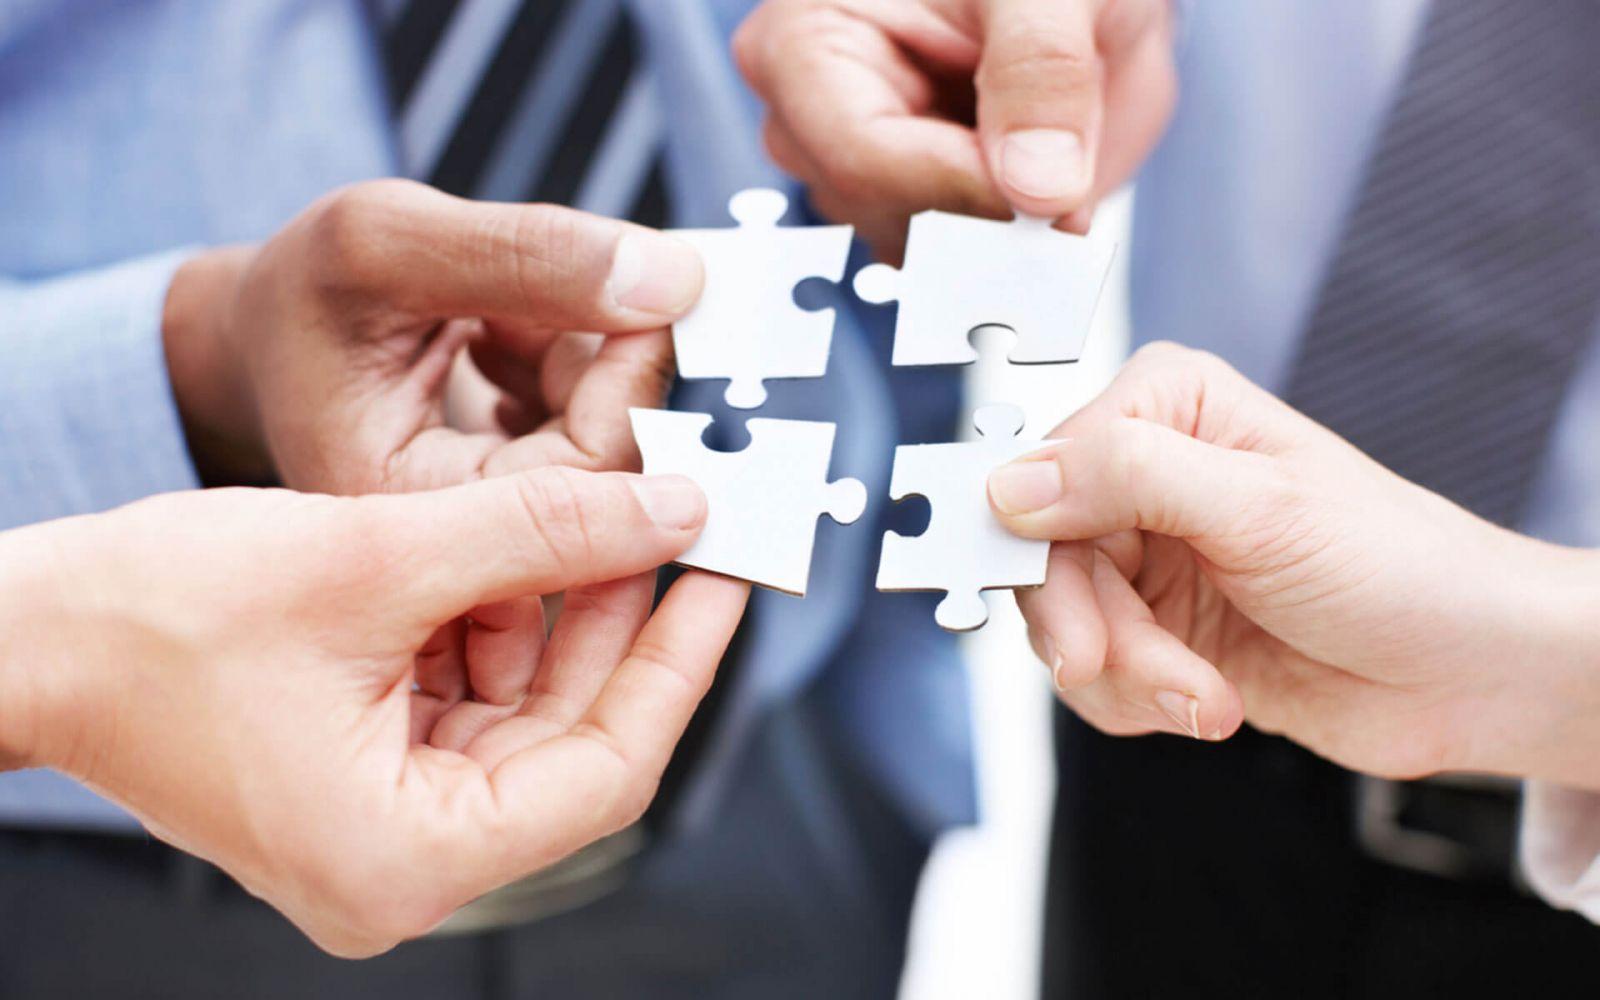 Как создать франшизу своего бизнеса - Бизнес-планы - идеи 23